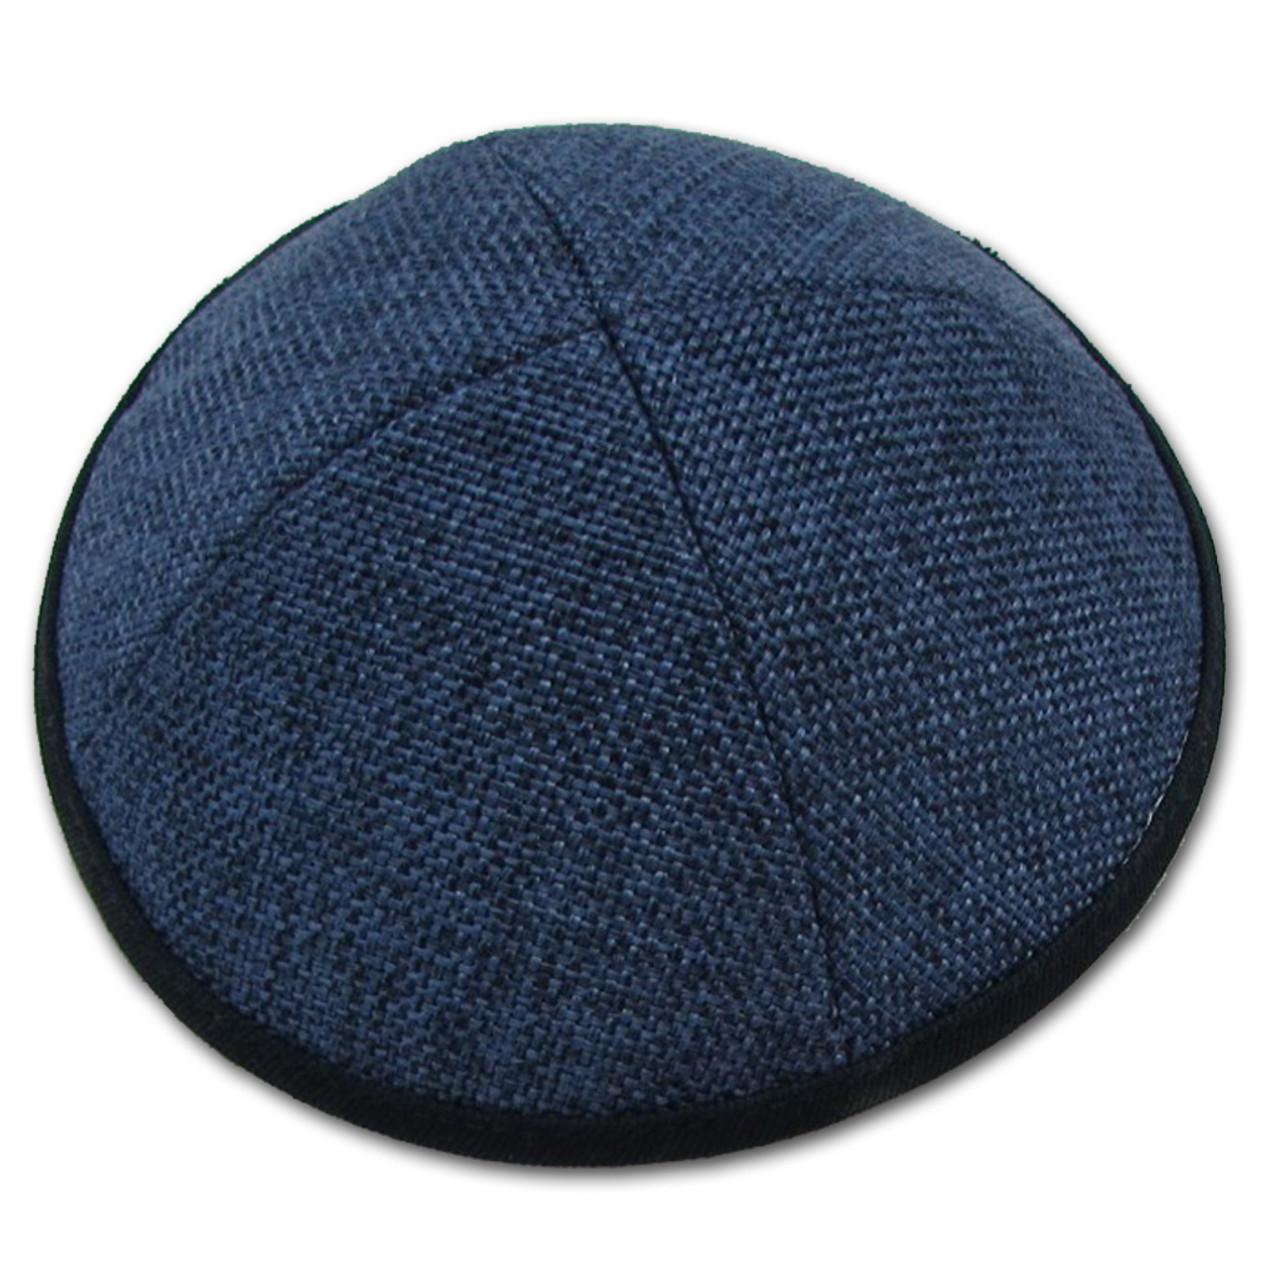 Blue Burlap Kippah